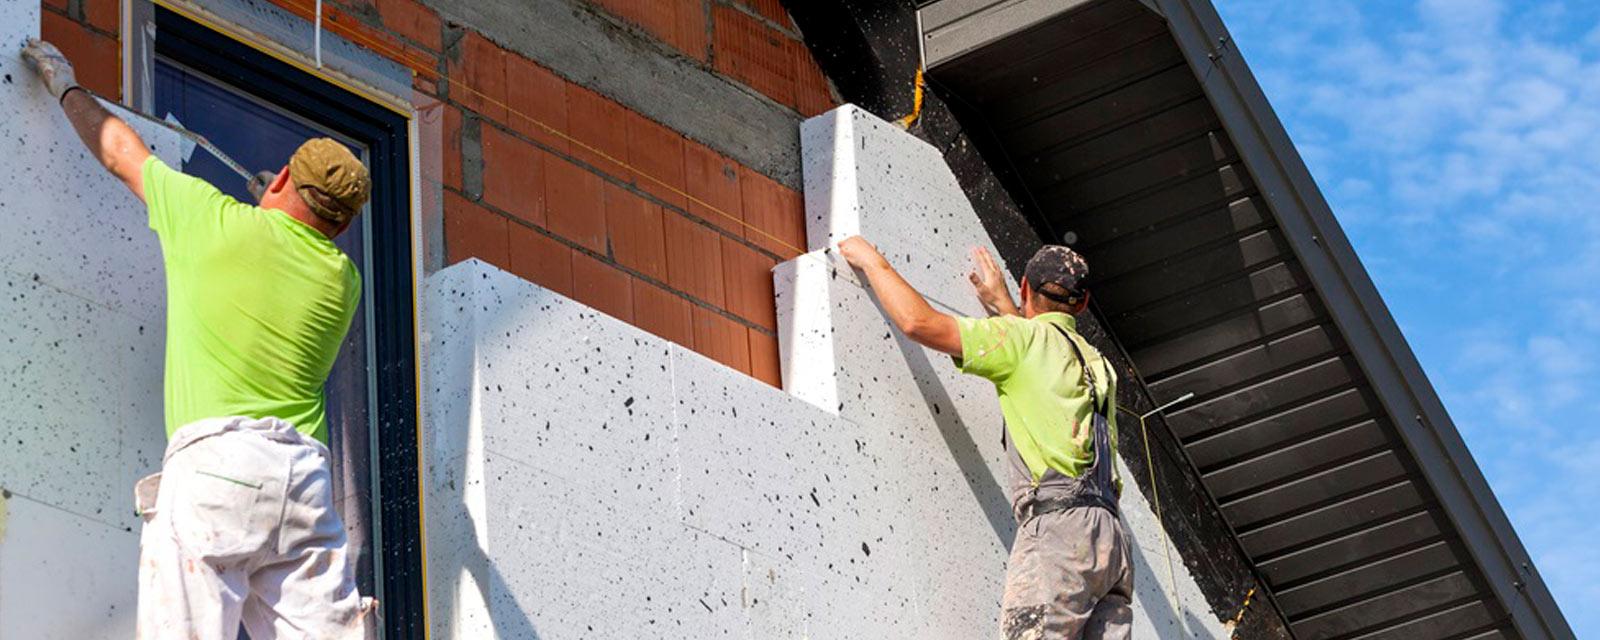 Isolation Mur Exterieur Renovation isolation thermique par l'extérieur, quelles solutions